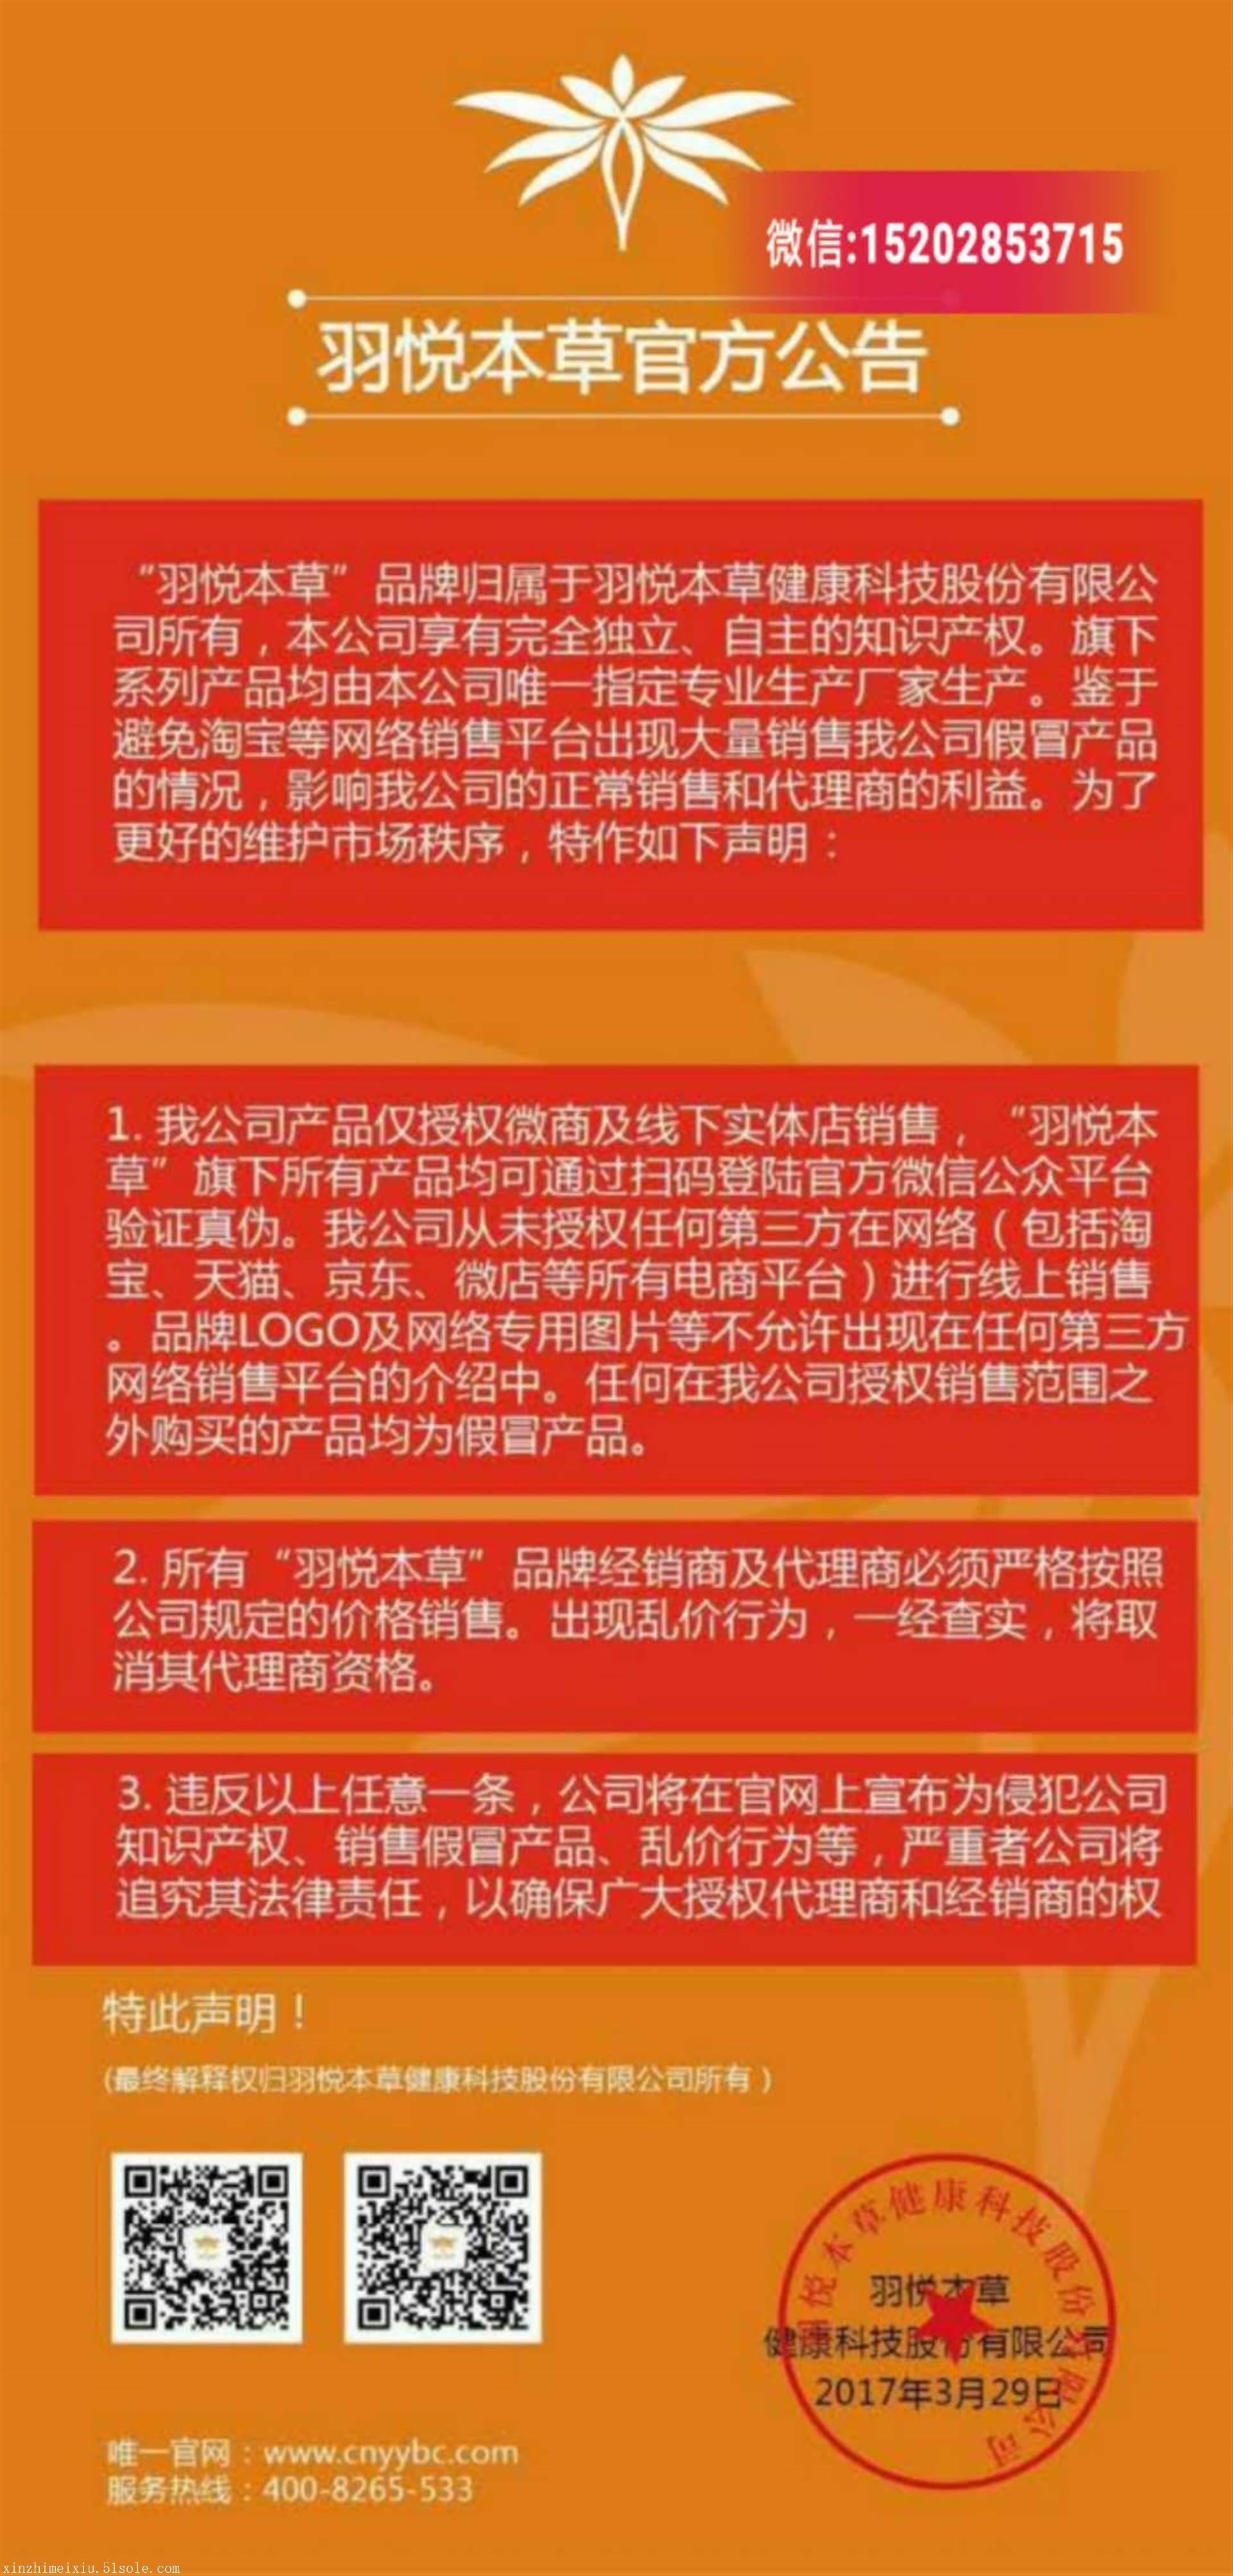 羽悦本草健康科技股份有限公司 羽悦本草怎么代理,羽悦本草进货价格表